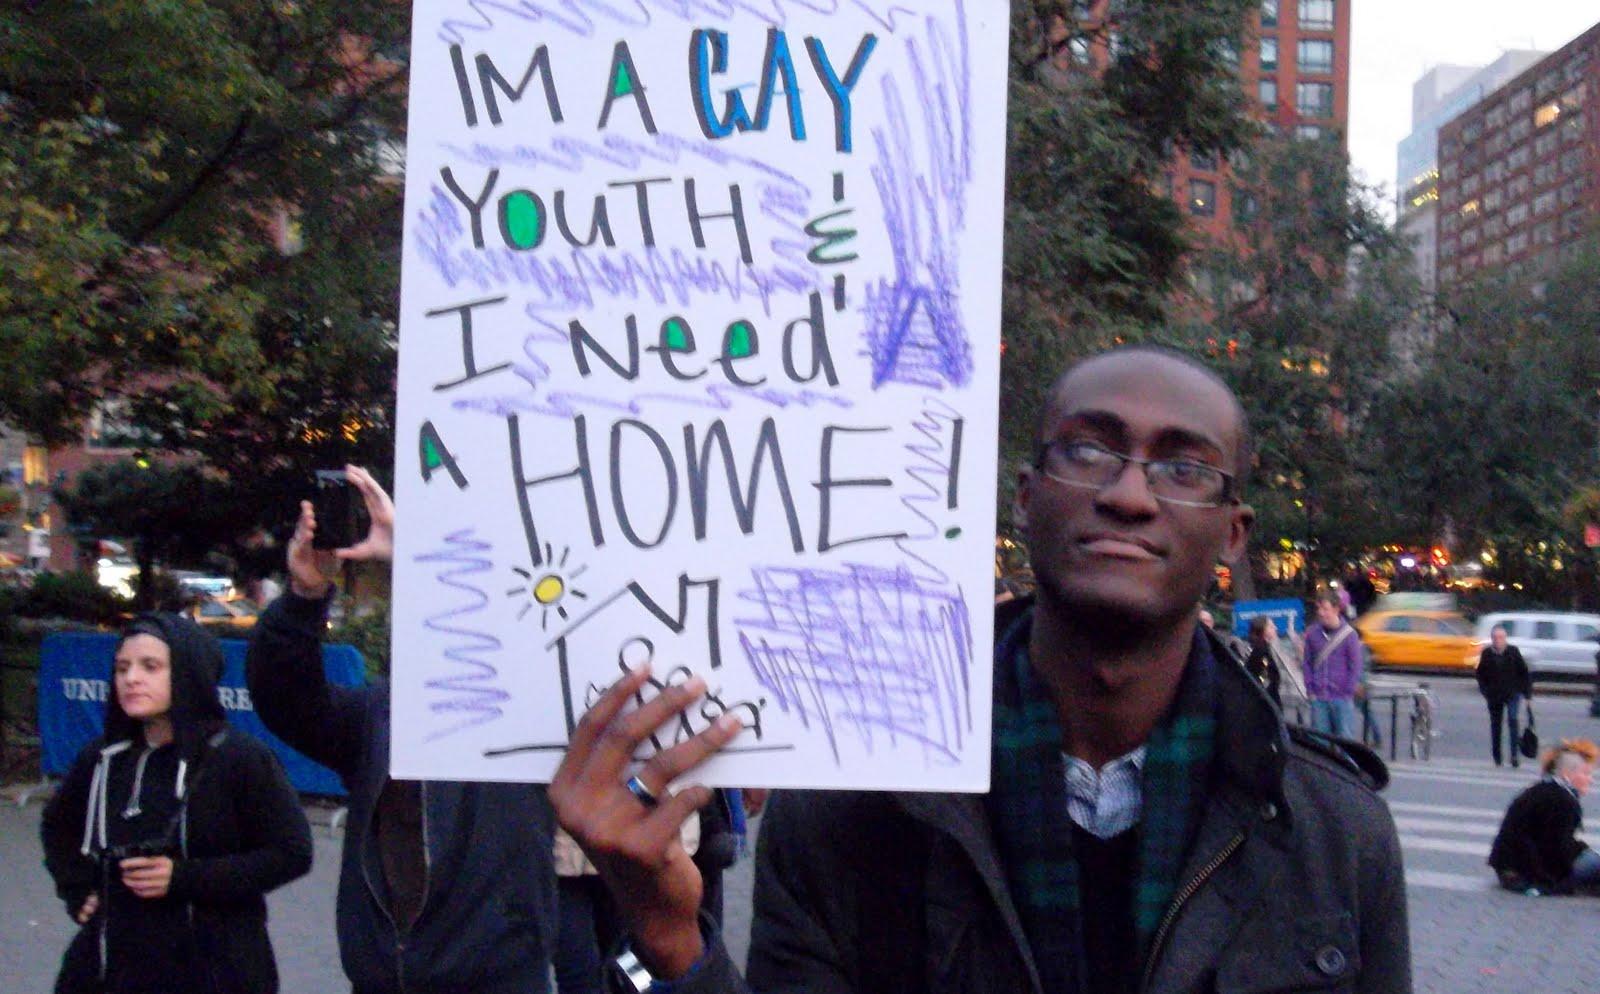 La comunidad LGBTQ+ es más propensa a sufrir situación de calle, de acuerdo a estudio